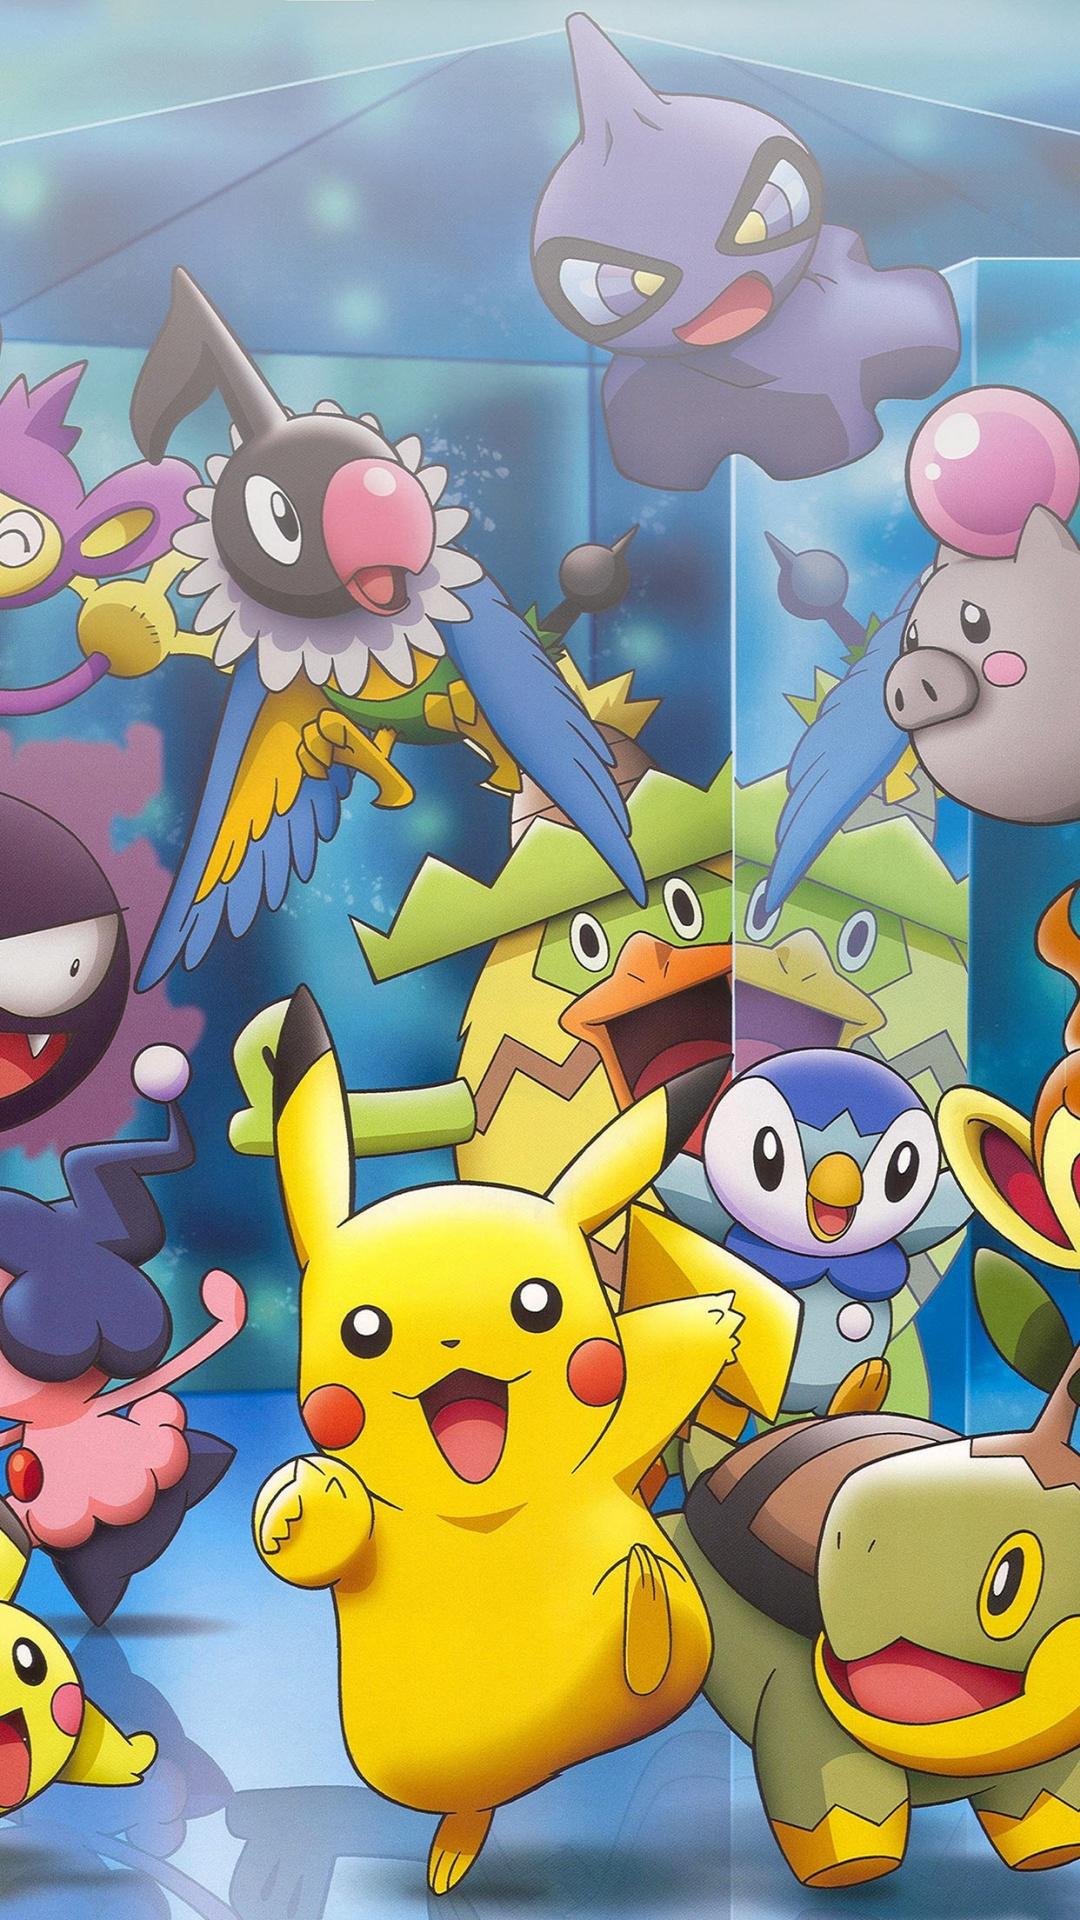 Fondos de pantalla de pokemon para android e iphone for Fondos de pantalla para android gratis